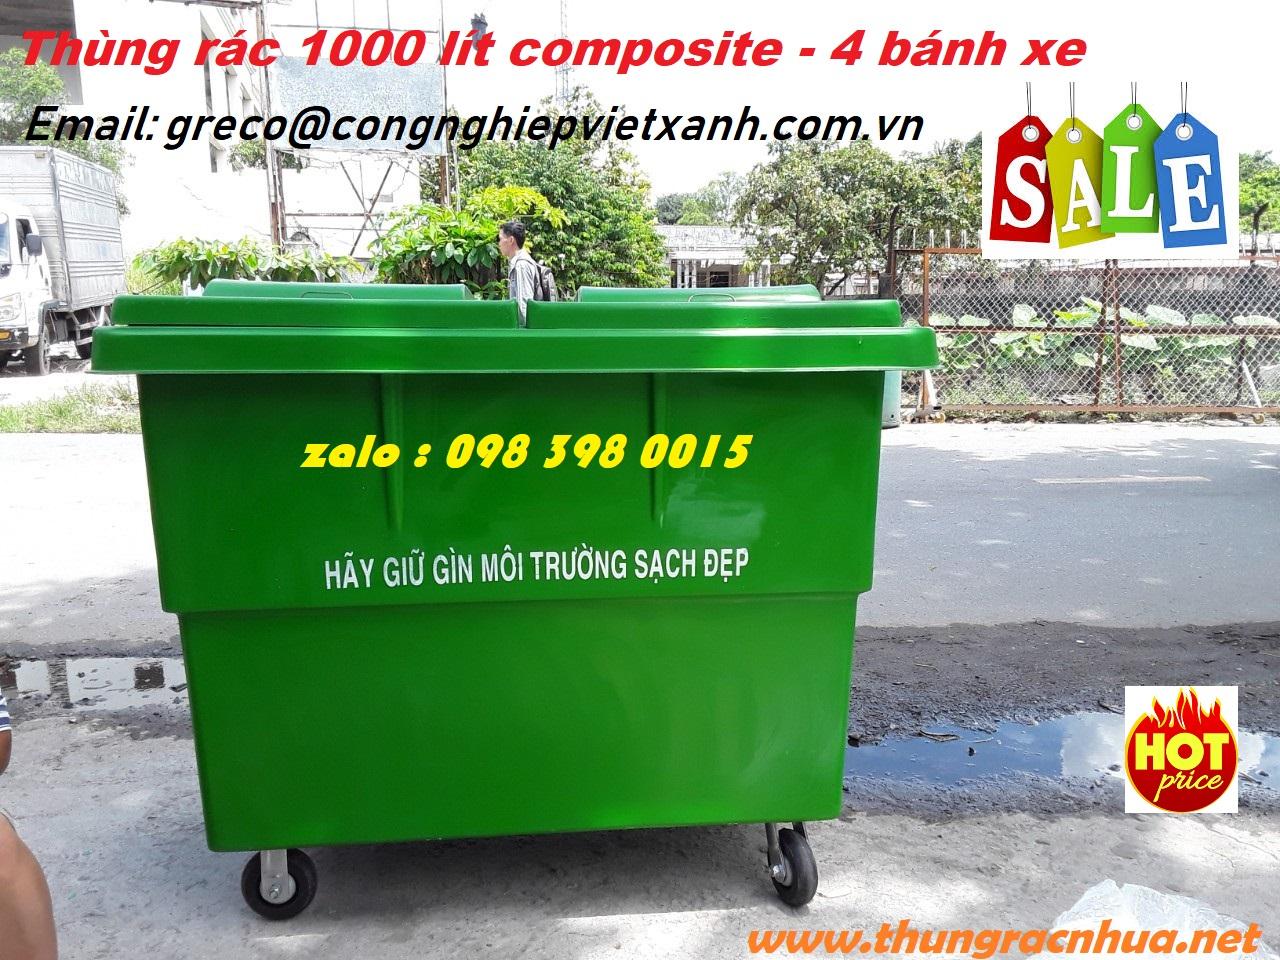 thung rac 1000 lit